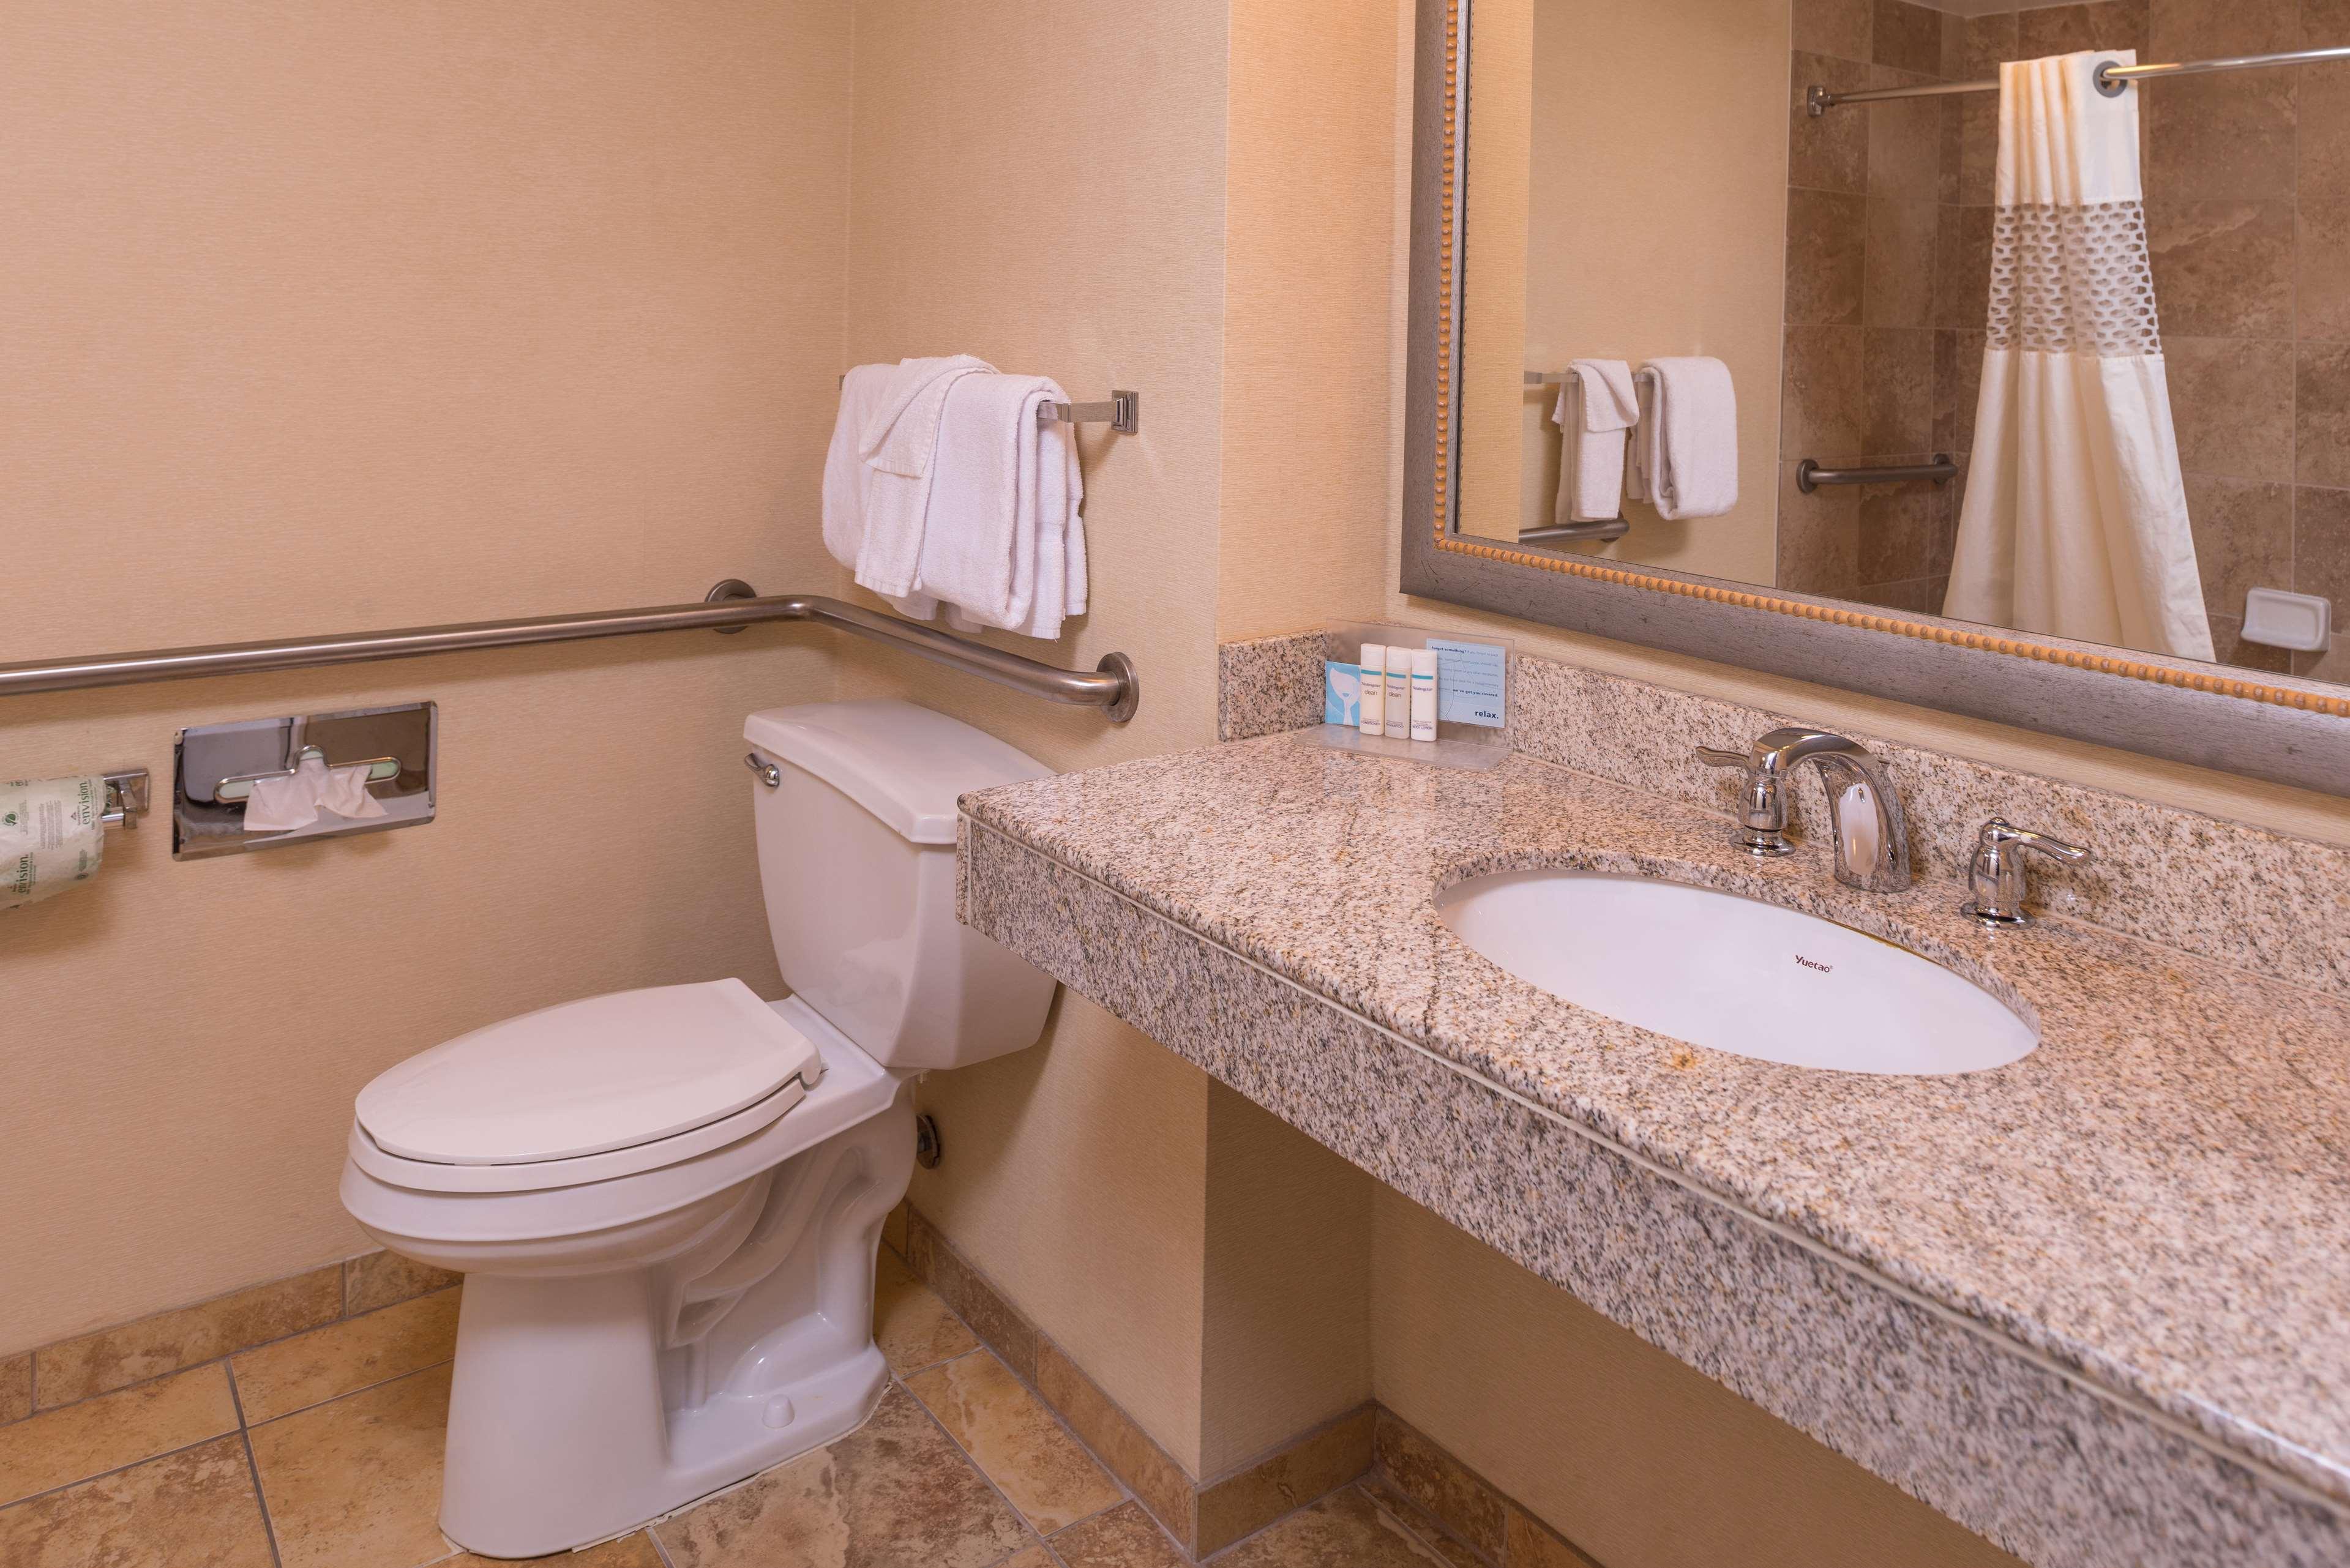 Hampton Inn & Suites Charlotte-Arrowood Rd. image 32